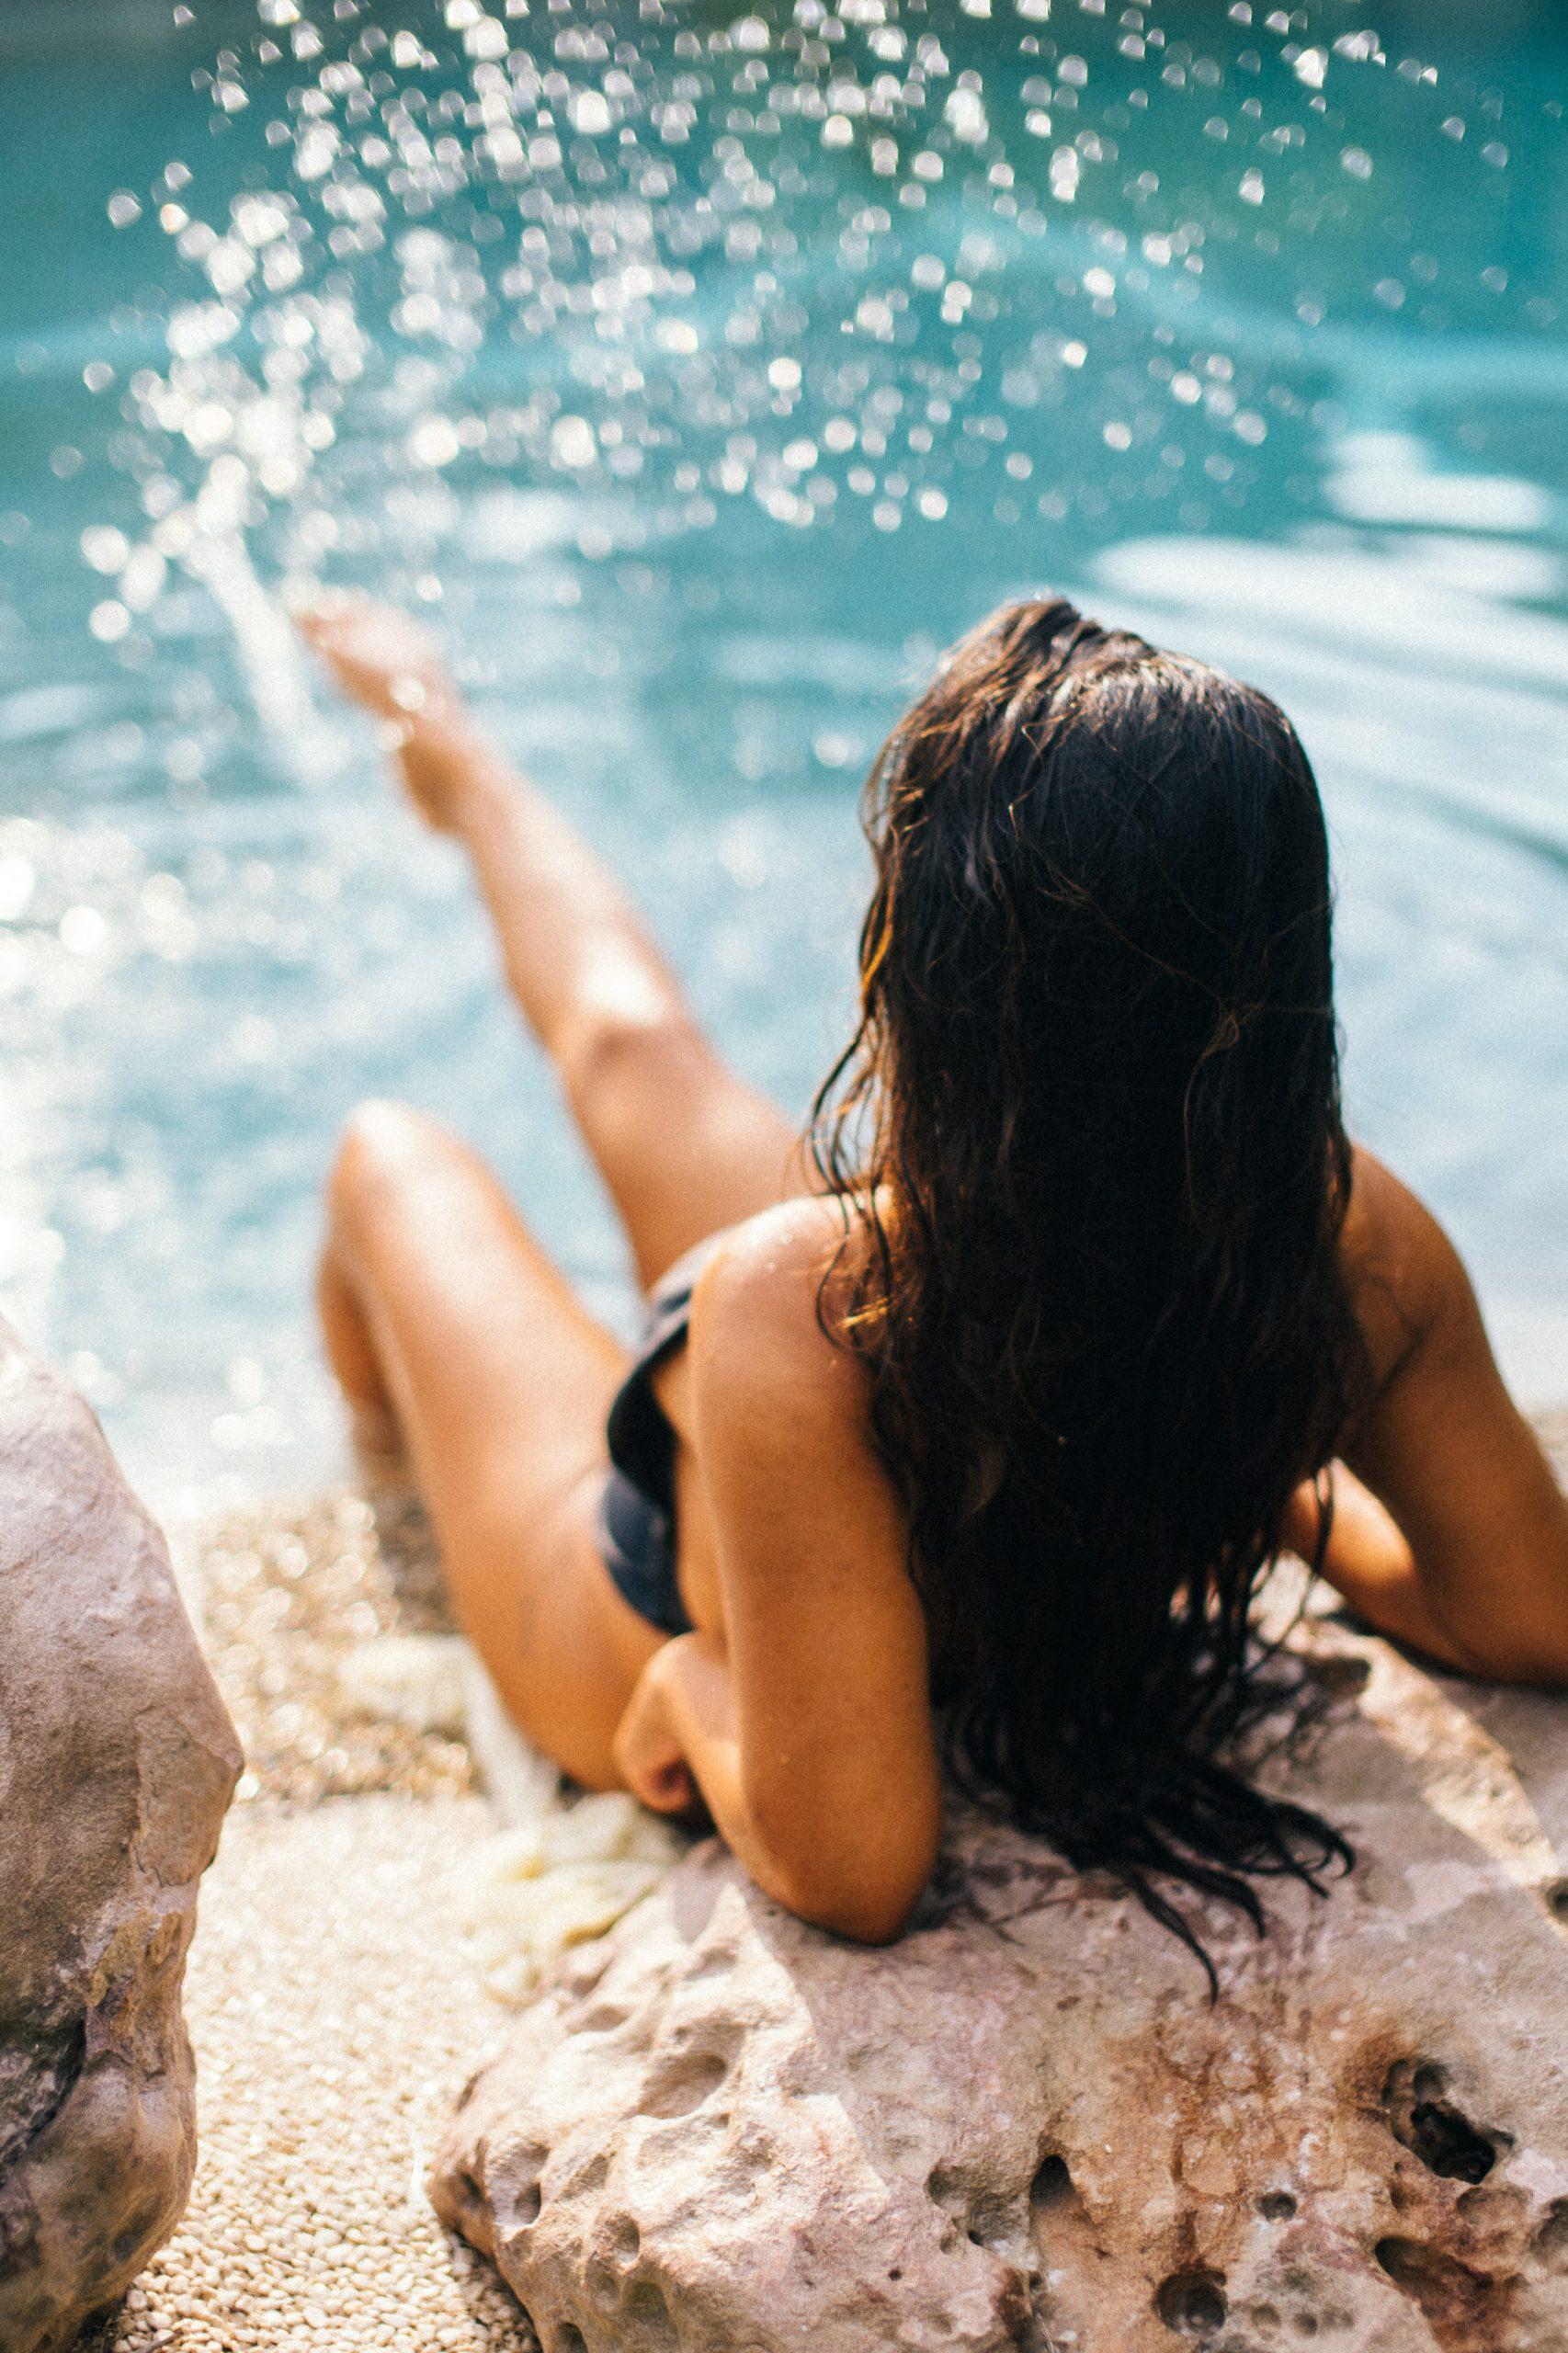 Πώς να διατηρήσεις τα μαλλιά σου υγιή το καλοκαίρι